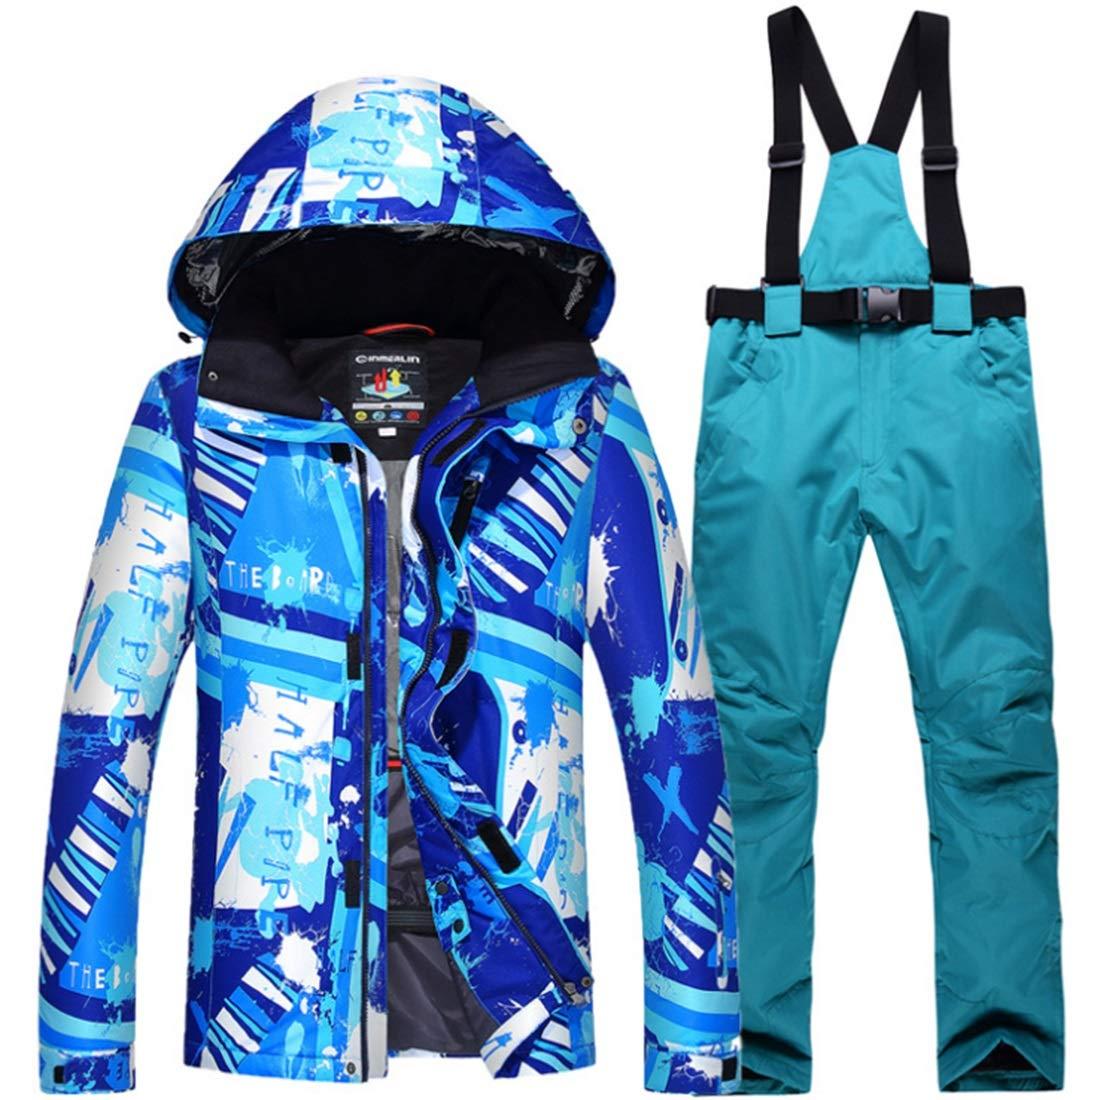 Dhrfyktu Der Tarnungs-Skihosen-Anzug der dichten Männer Winddichtes Wasserdichtes warmes